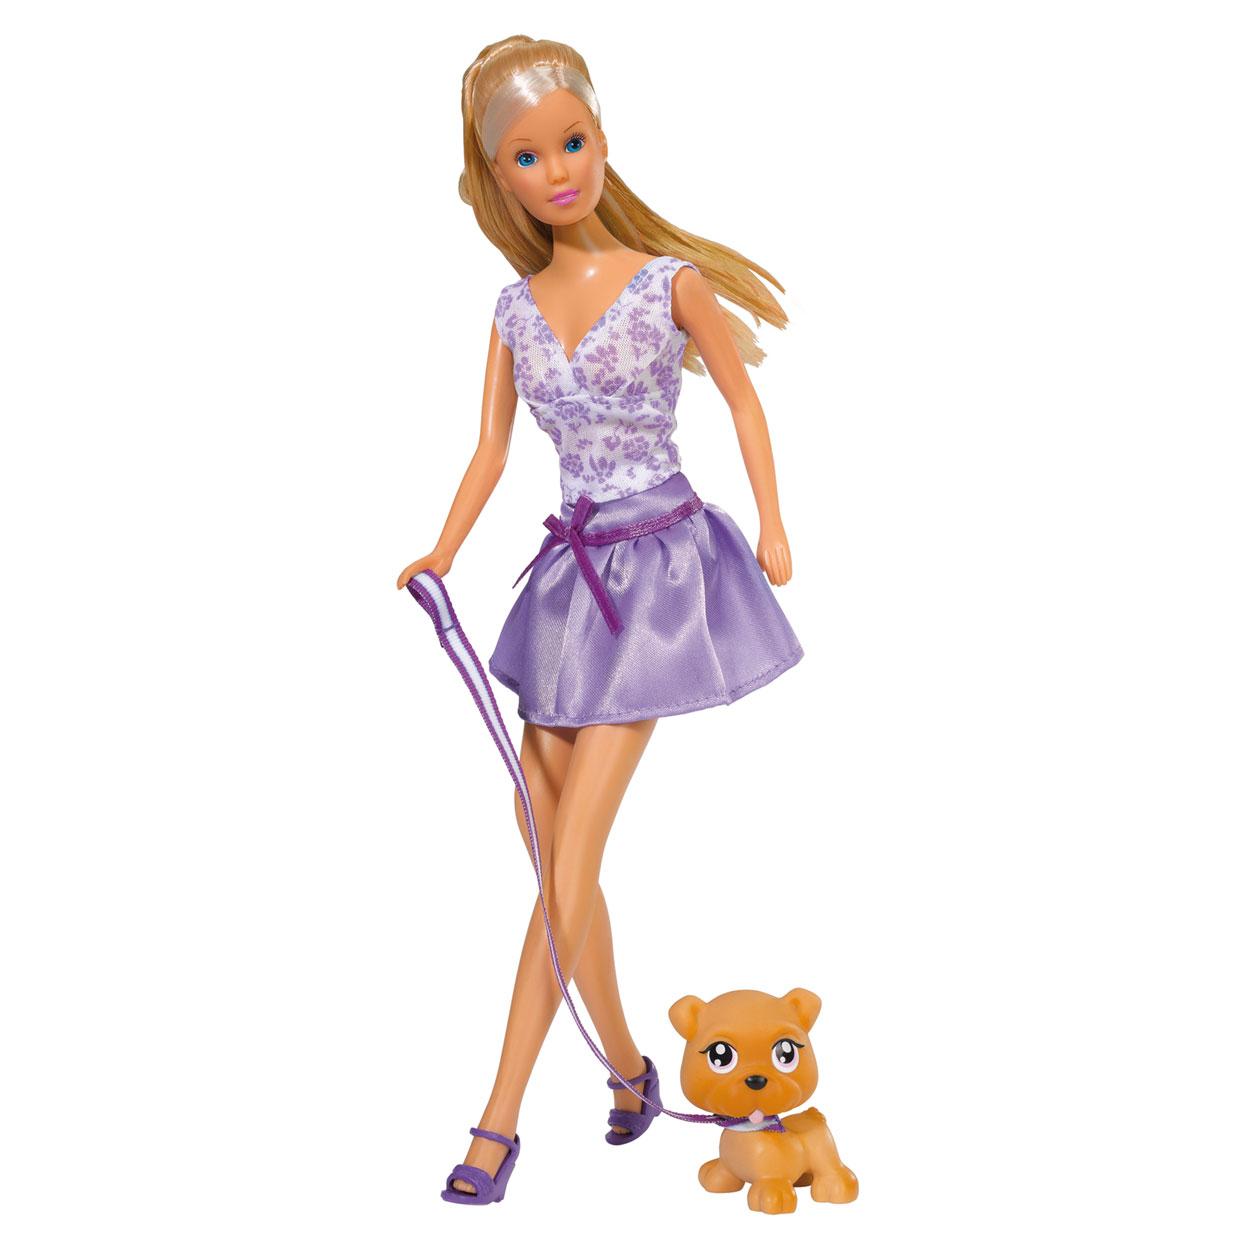 Simba Кукла Штеффи с собачкой5739024Кукла Simba Steffi Love. Fashion Dog надолго займет внимание вашей малышки и подарит ей множество счастливых мгновений. Кукла изготовлена из пластика, ее голова, ручки и ножки подвижны (ноги сгибаются), что позволяет придавать ей разнообразные позы. В комплект с куклой входит маленькая собачка. У нее также как и у куклы имеется наряд. Дополнительно набор оснащен двумя расческами и зеркальцем. Кукла одета в современное платье и туфли, а ее шикарные волосы уложены в красивую прическу. Вашей дочурке непременно понравится заплетать длинные белокурые волосы куклы, придумывая разнообразные прически. Благодаря играм с куклой, ваша малышка сможет развить фантазию и любознательность, овладеть навыками общения и научиться ответственности, а дополнительные аксессуары сделают игру еще увлекательнее. Порадуйте свою принцессу таким прекрасным подарком!